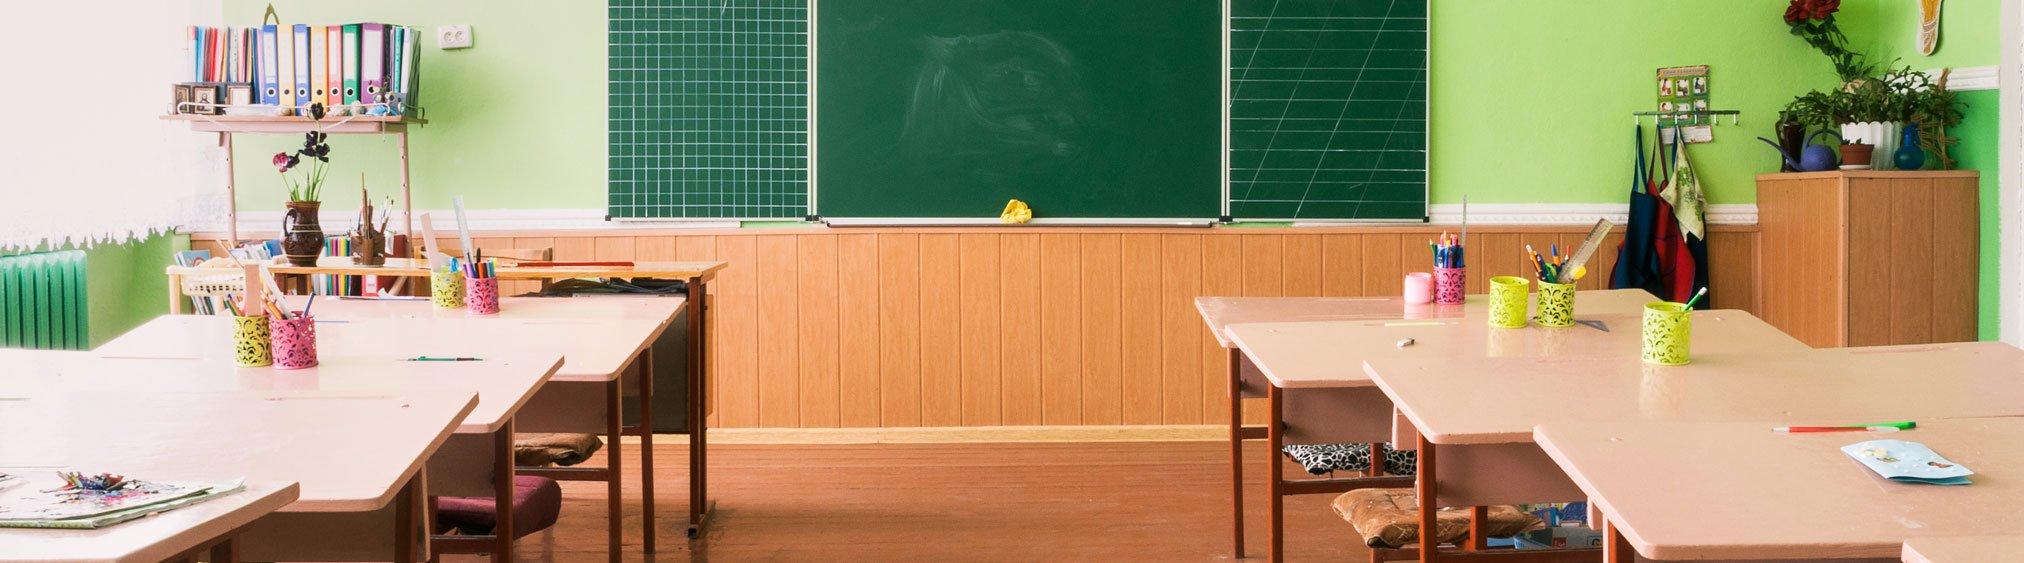 Classroom-setup-2024-0718